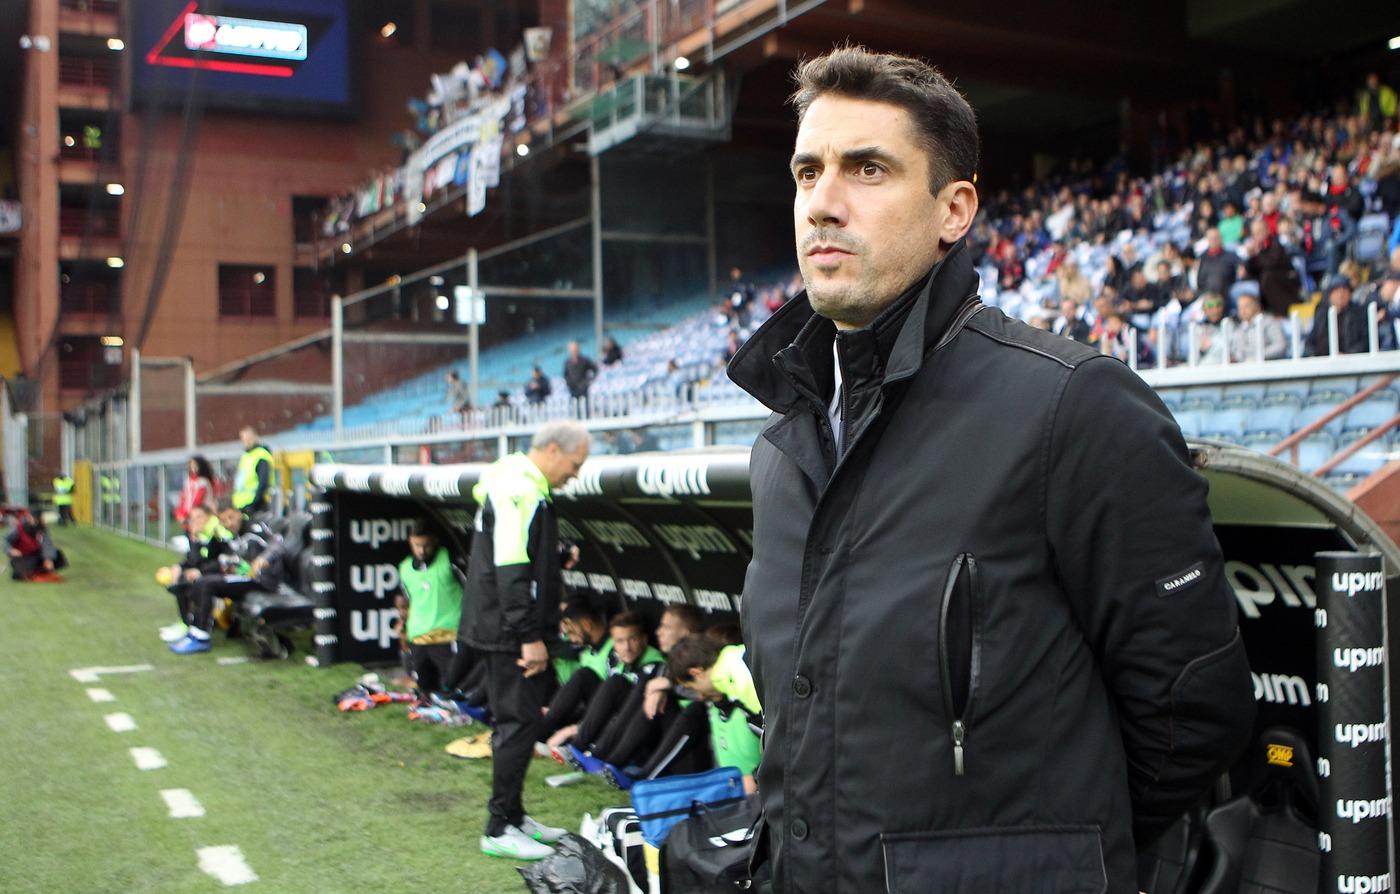 Serie A, Empoli-Udinese domenica 11 novembre: analisi, probabili formazioni e pronostico della 12ma giornata del campionato italiano